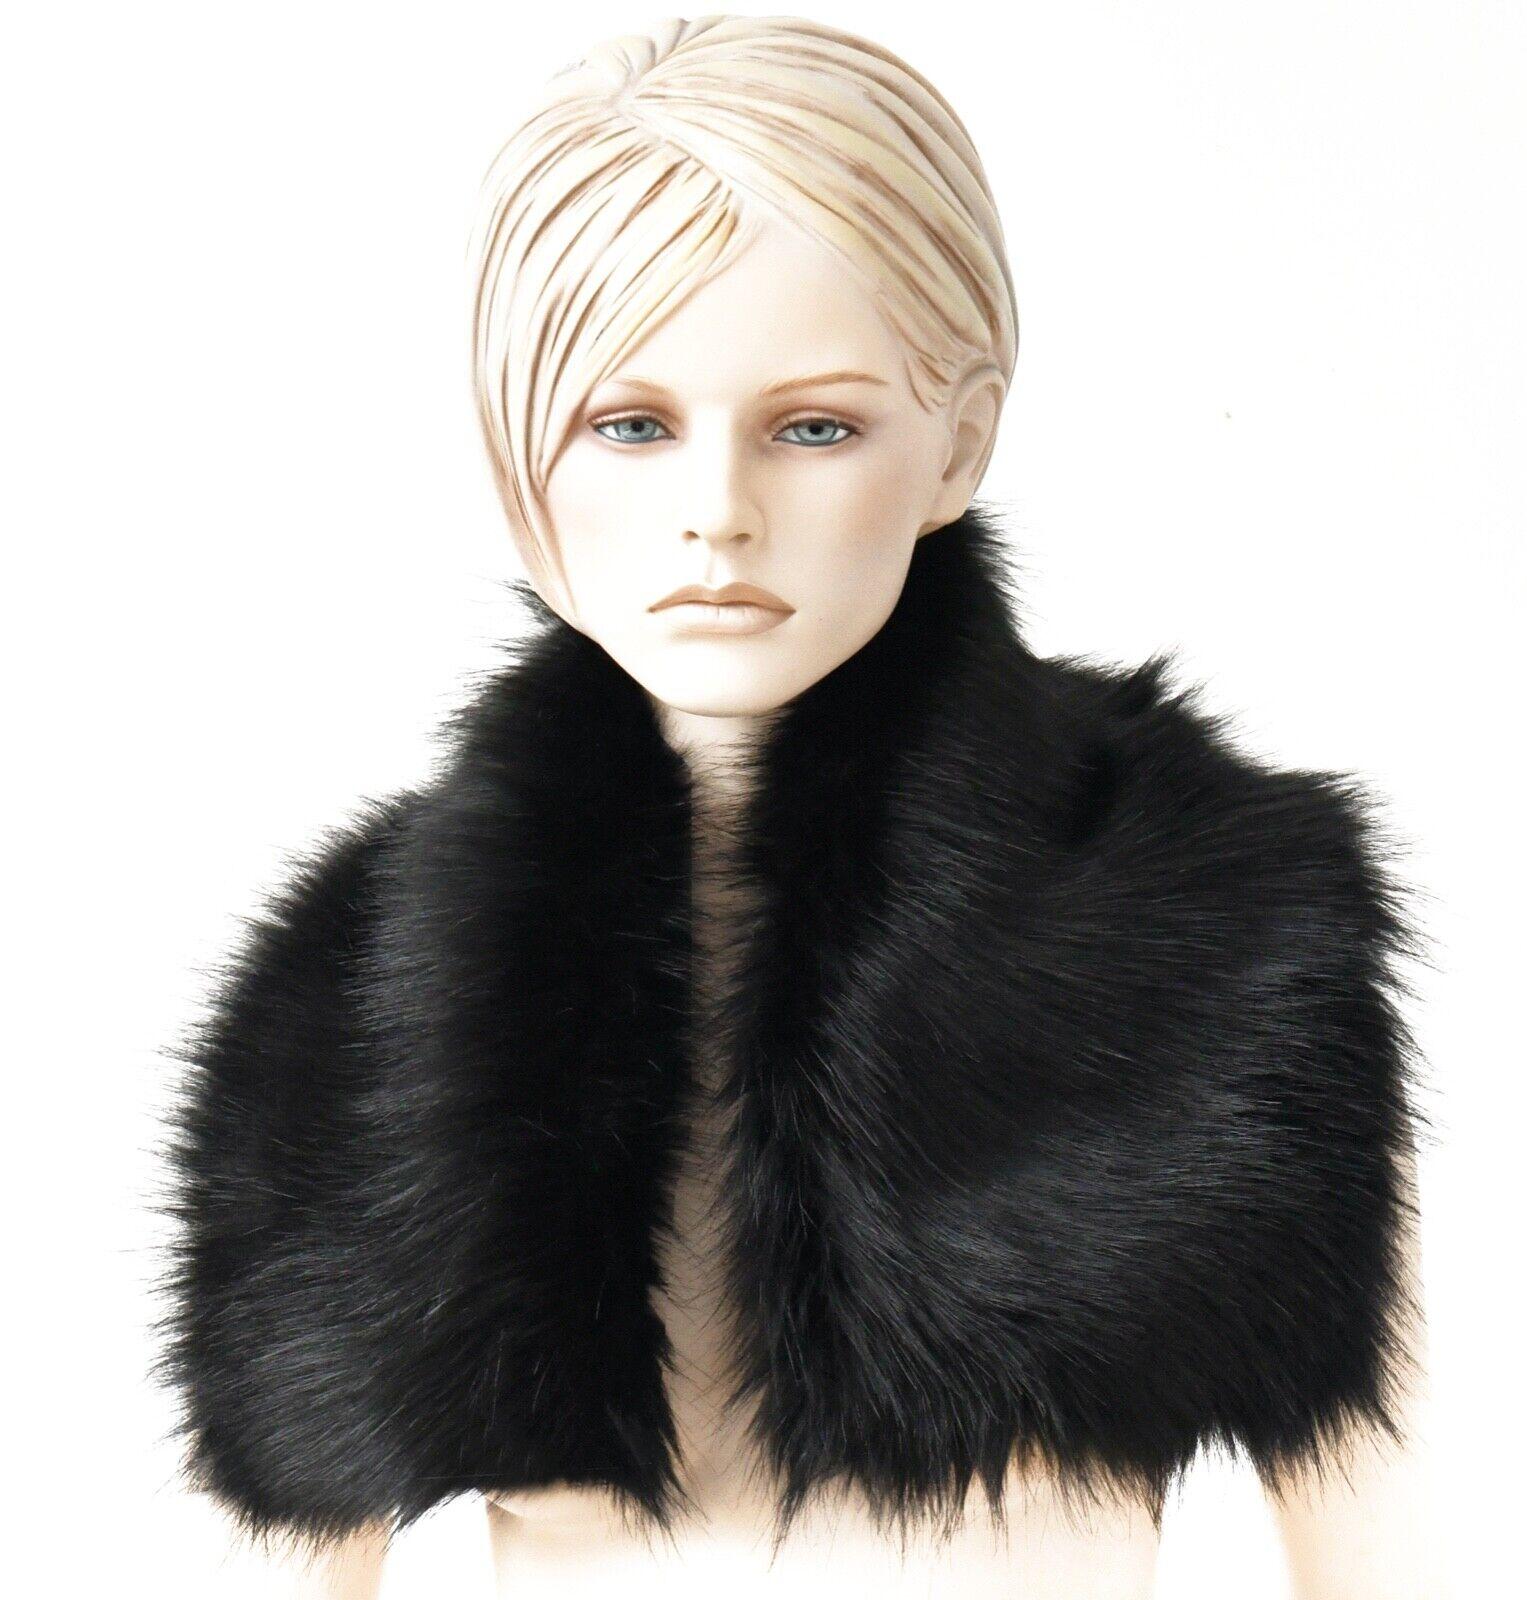 Cuello de pelo, prlzkragen, cuellos, webpelz, piel sintética, faux, Fake, tipo, fur, collar